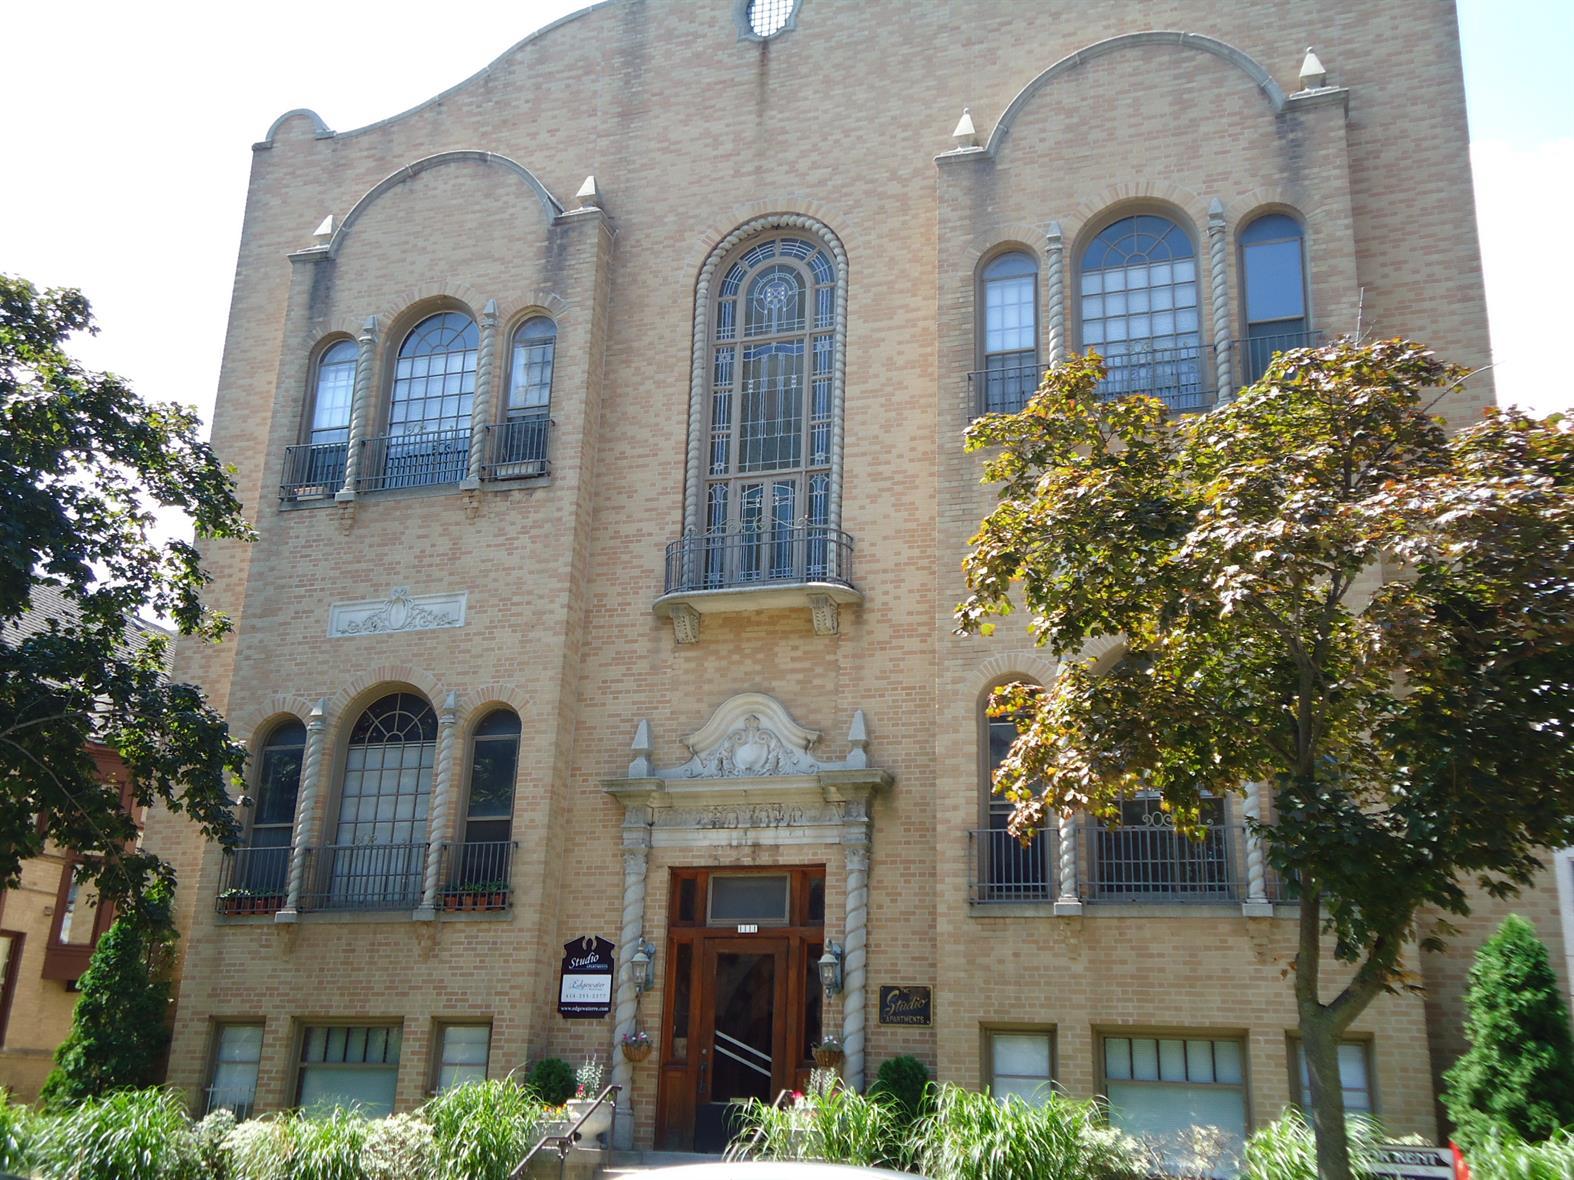 1111 N. Astor St.